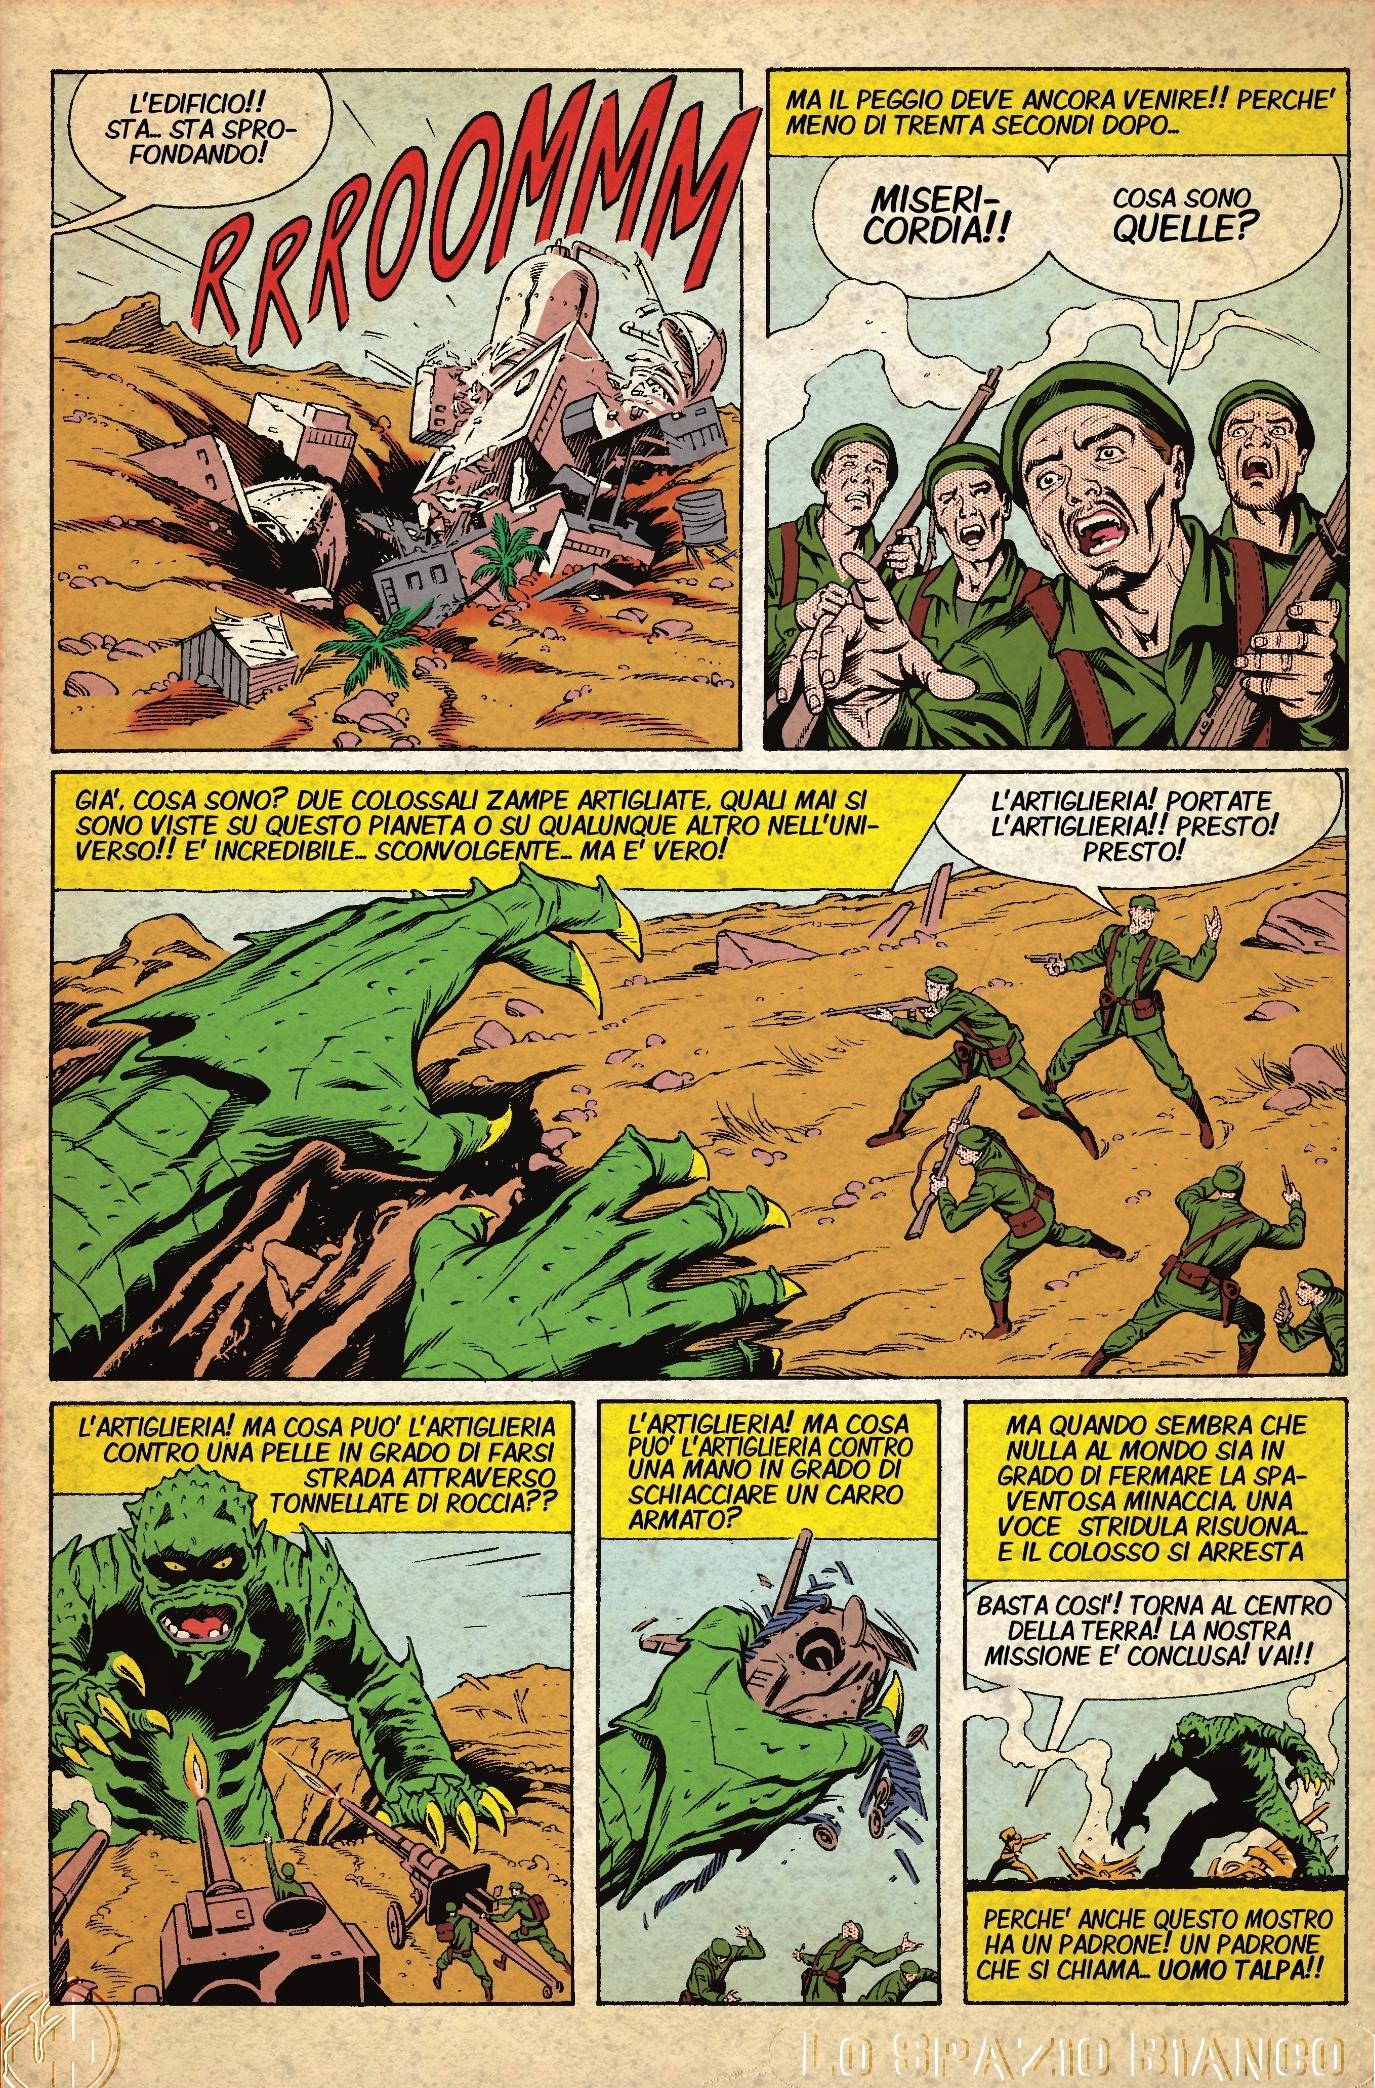 pagina 16 sovraimpressione